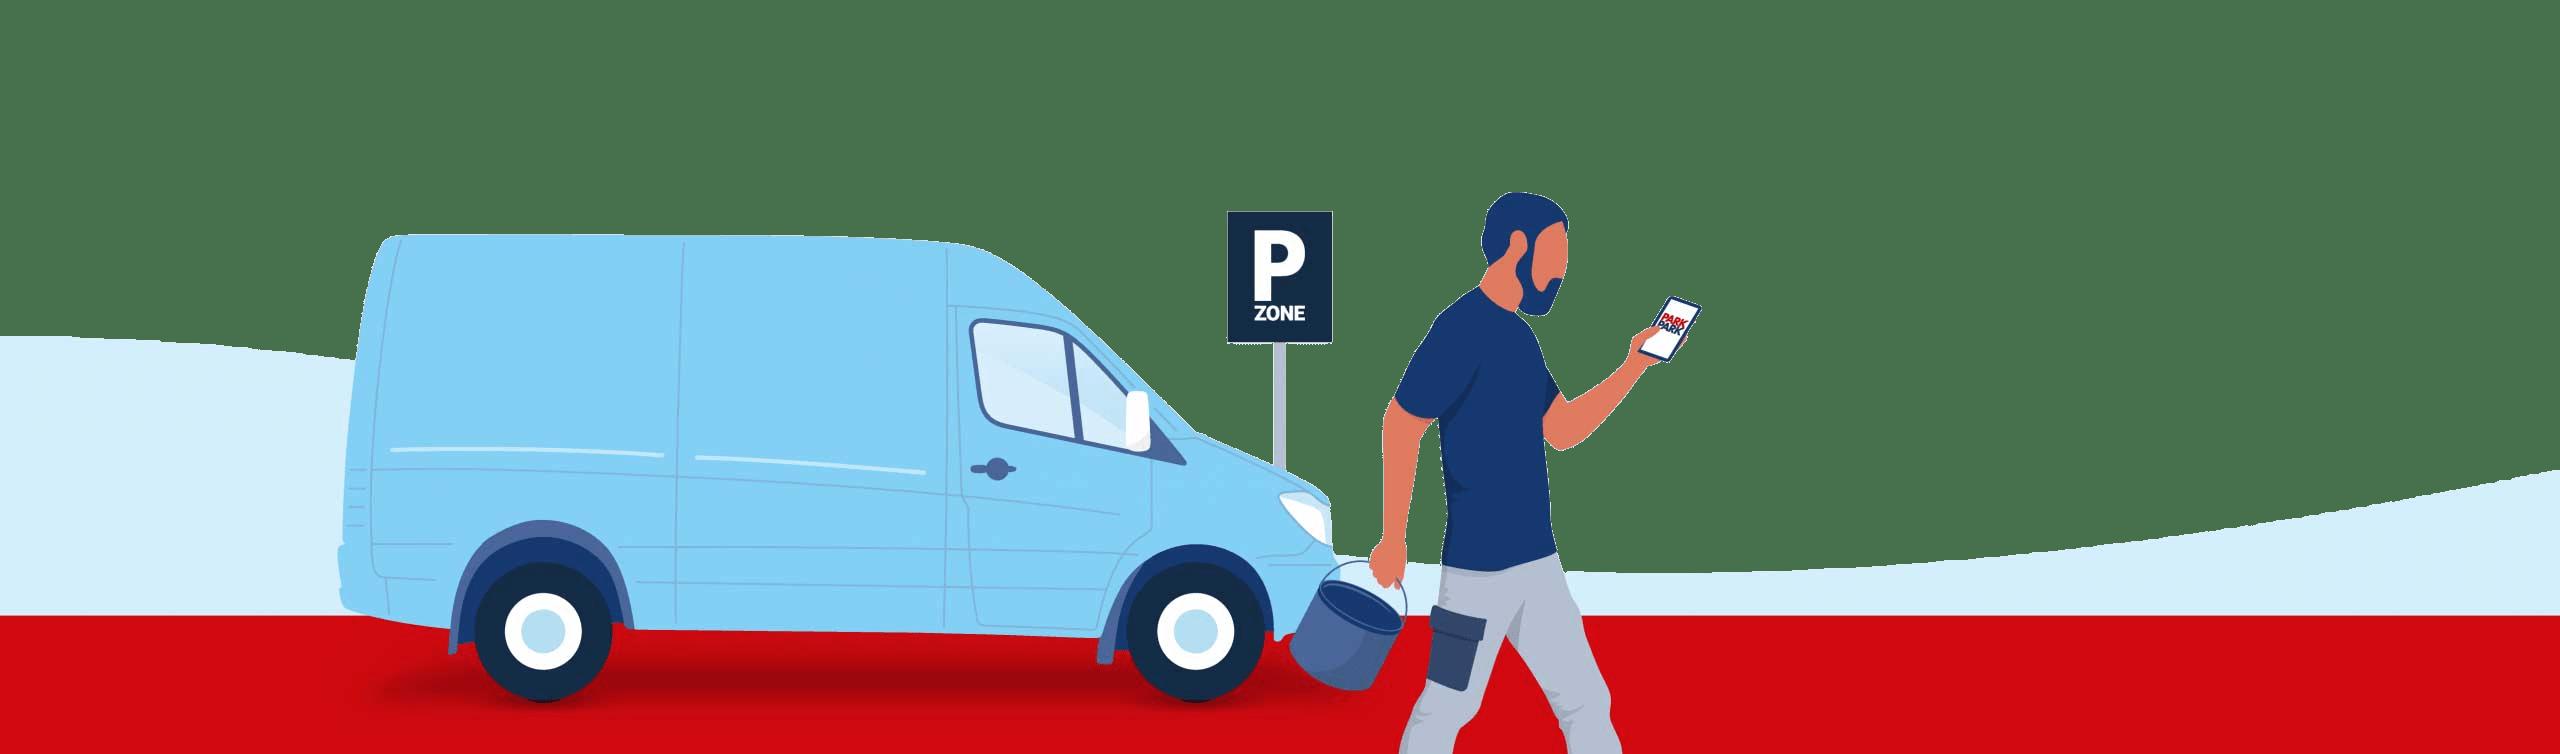 PARKPARK Erhverv - erhvervsparkering - Markedets billigste parkering til Erhverv - Topbillede